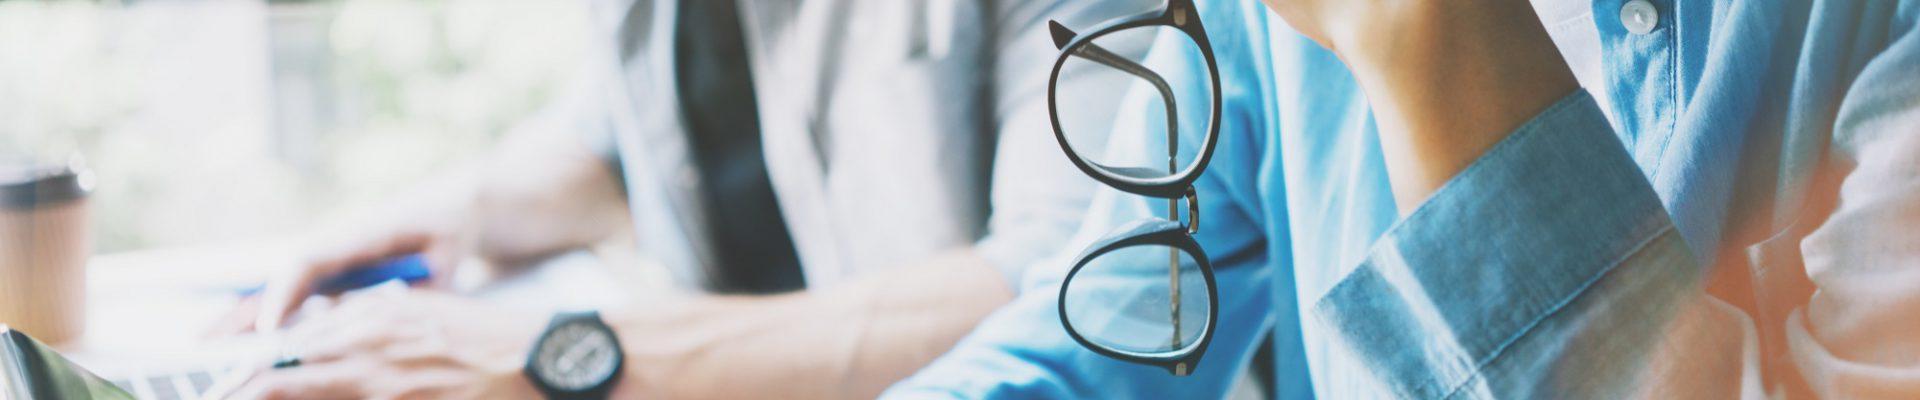 Tips voor een goede boekhouding voor ondernemers